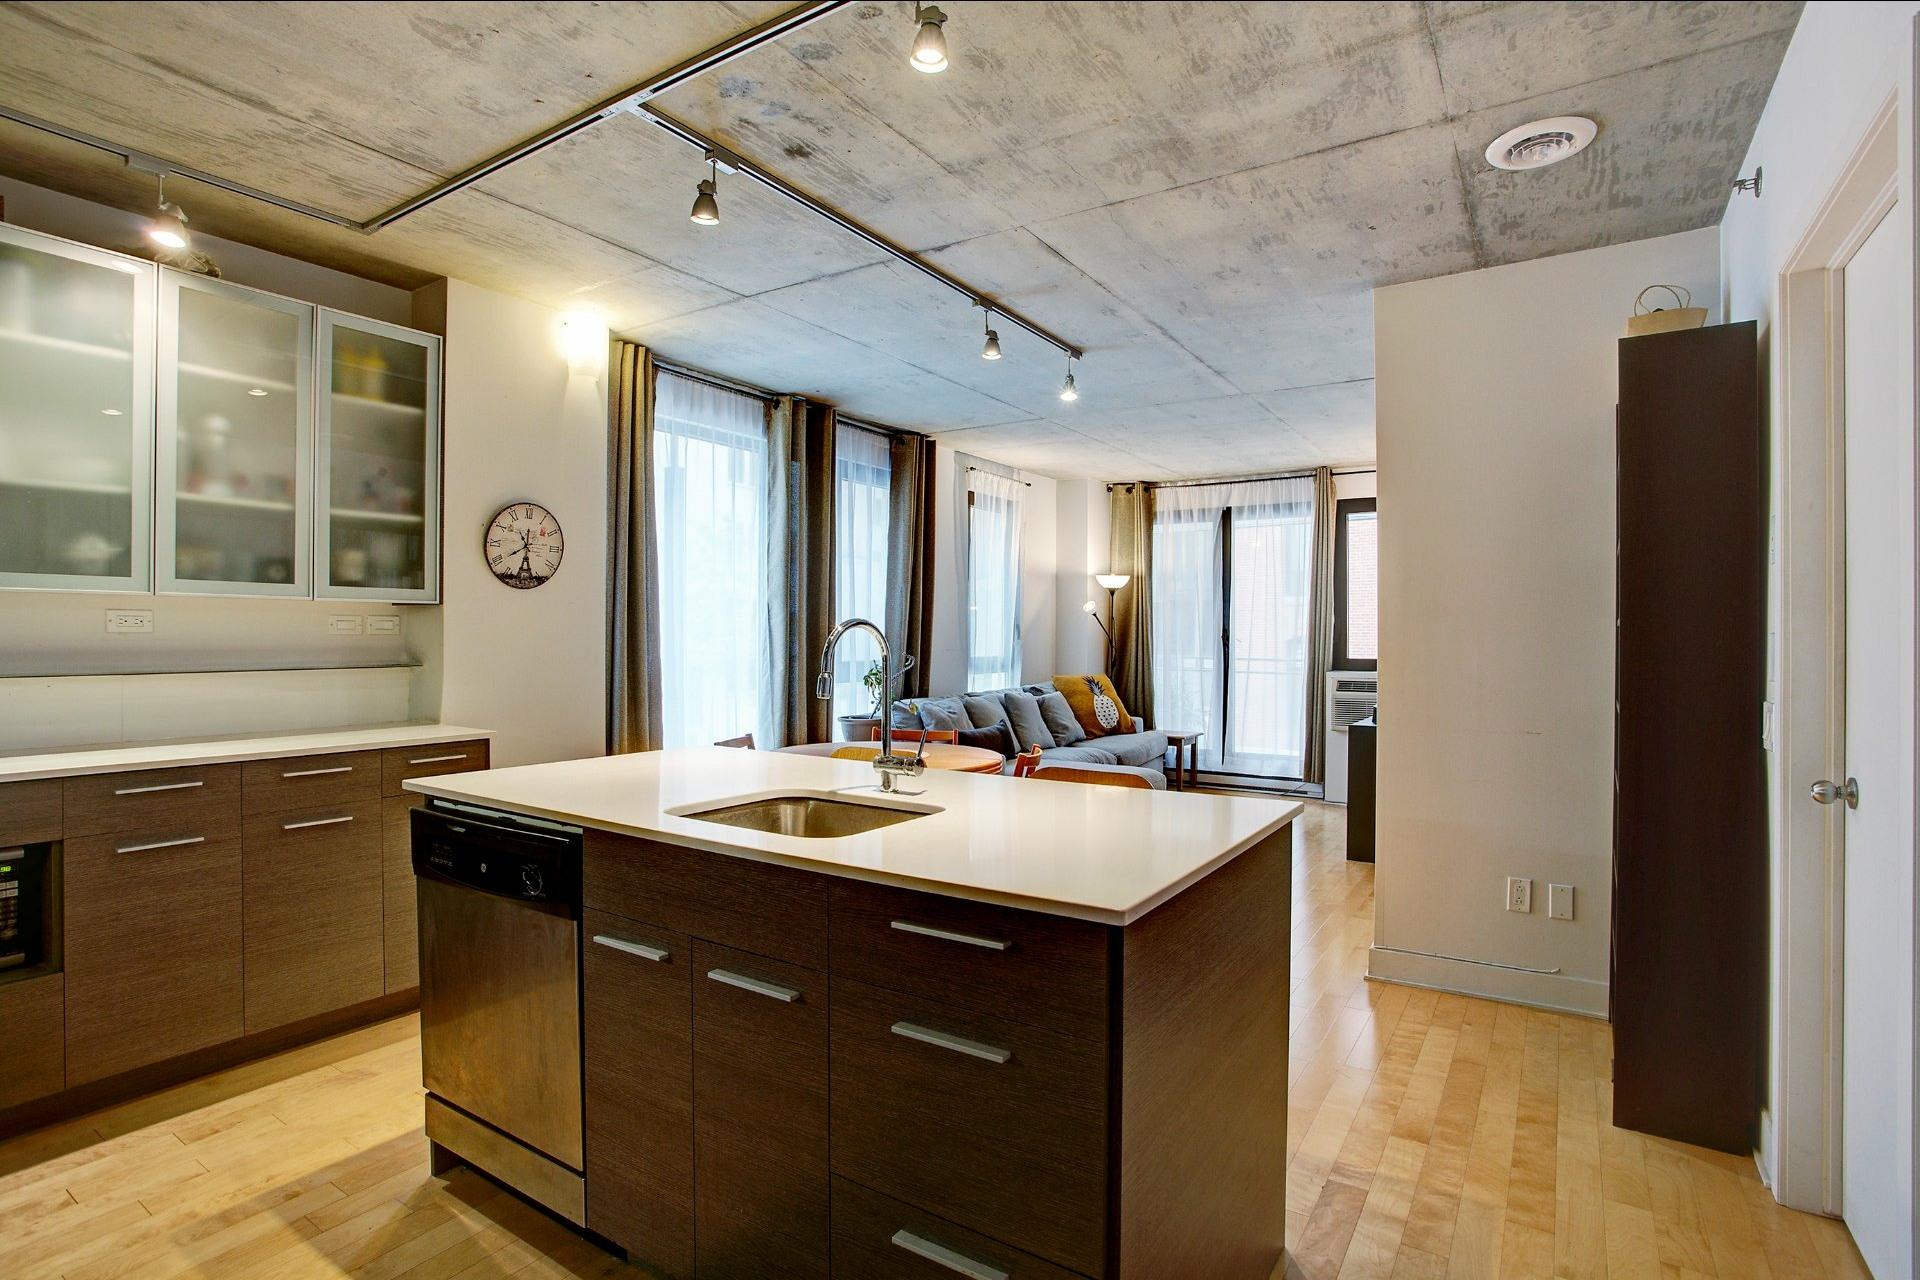 image 0 - 公寓 出售 Montréal Le Sud-Ouest  - 4 室